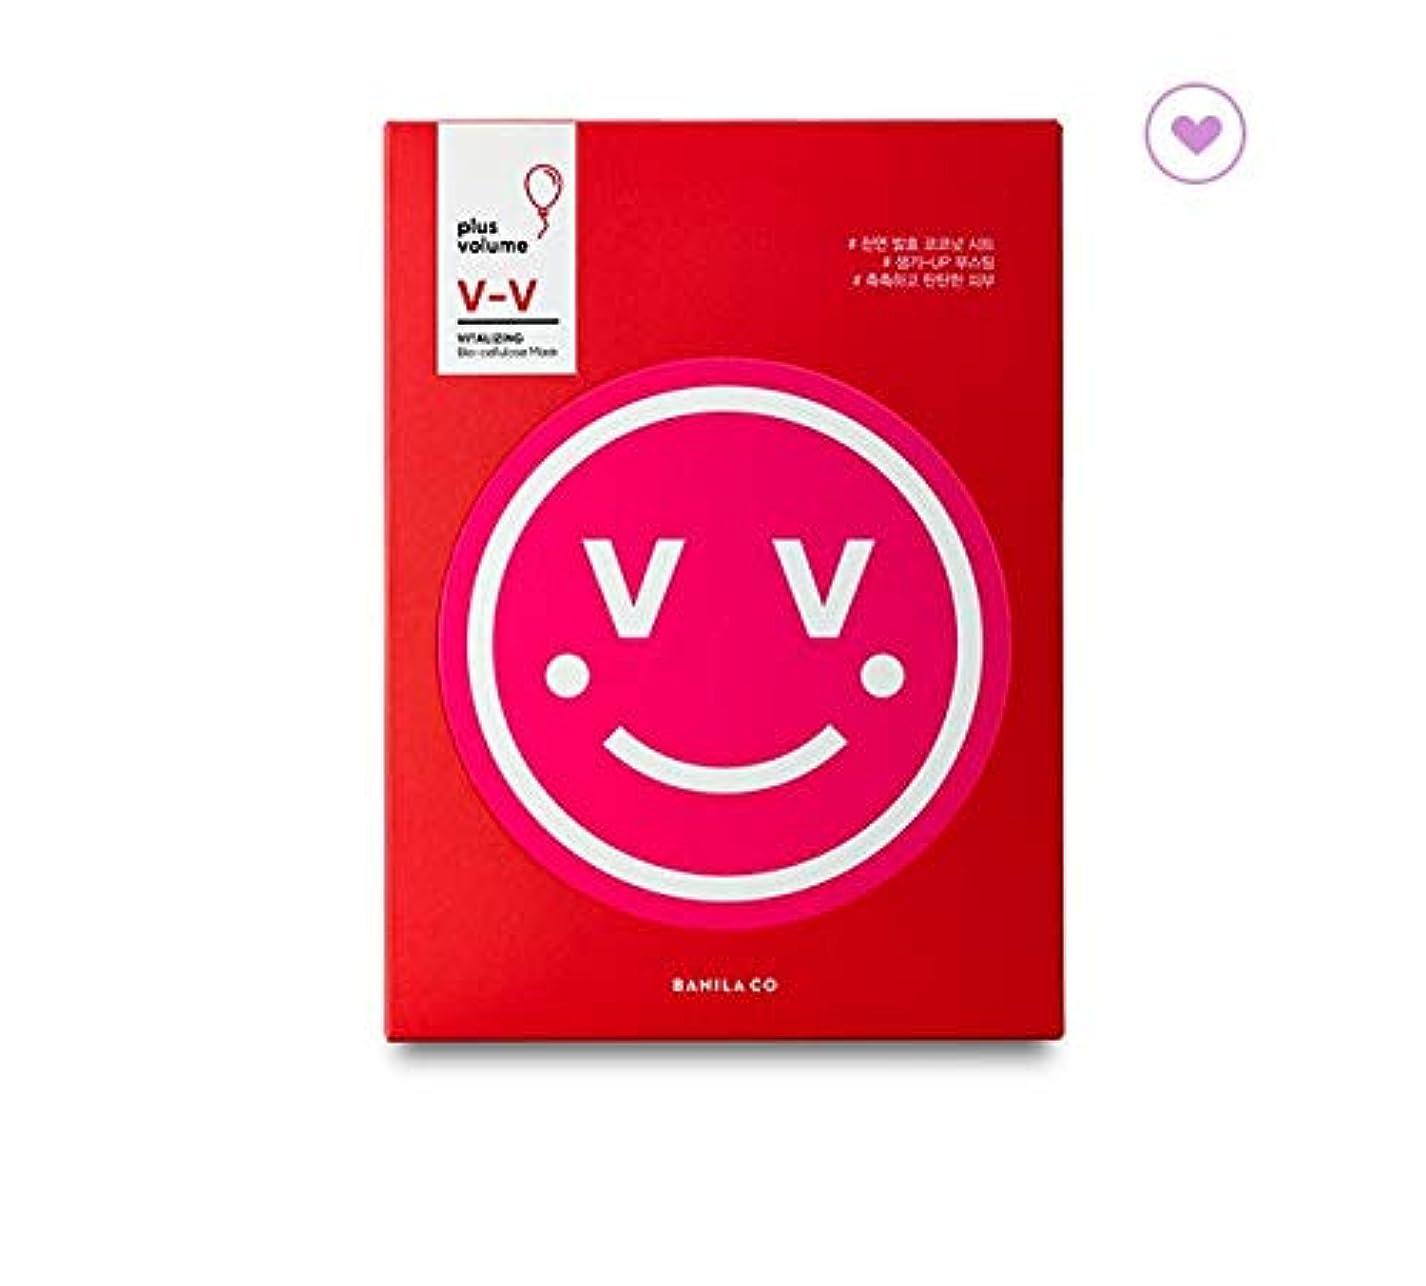 まとめる援助加速度banilaco V-V Vitalizing Bioセルロースマスク/V-V Vitalizing Bio Cellulose Mask 25ml*5 [並行輸入品]